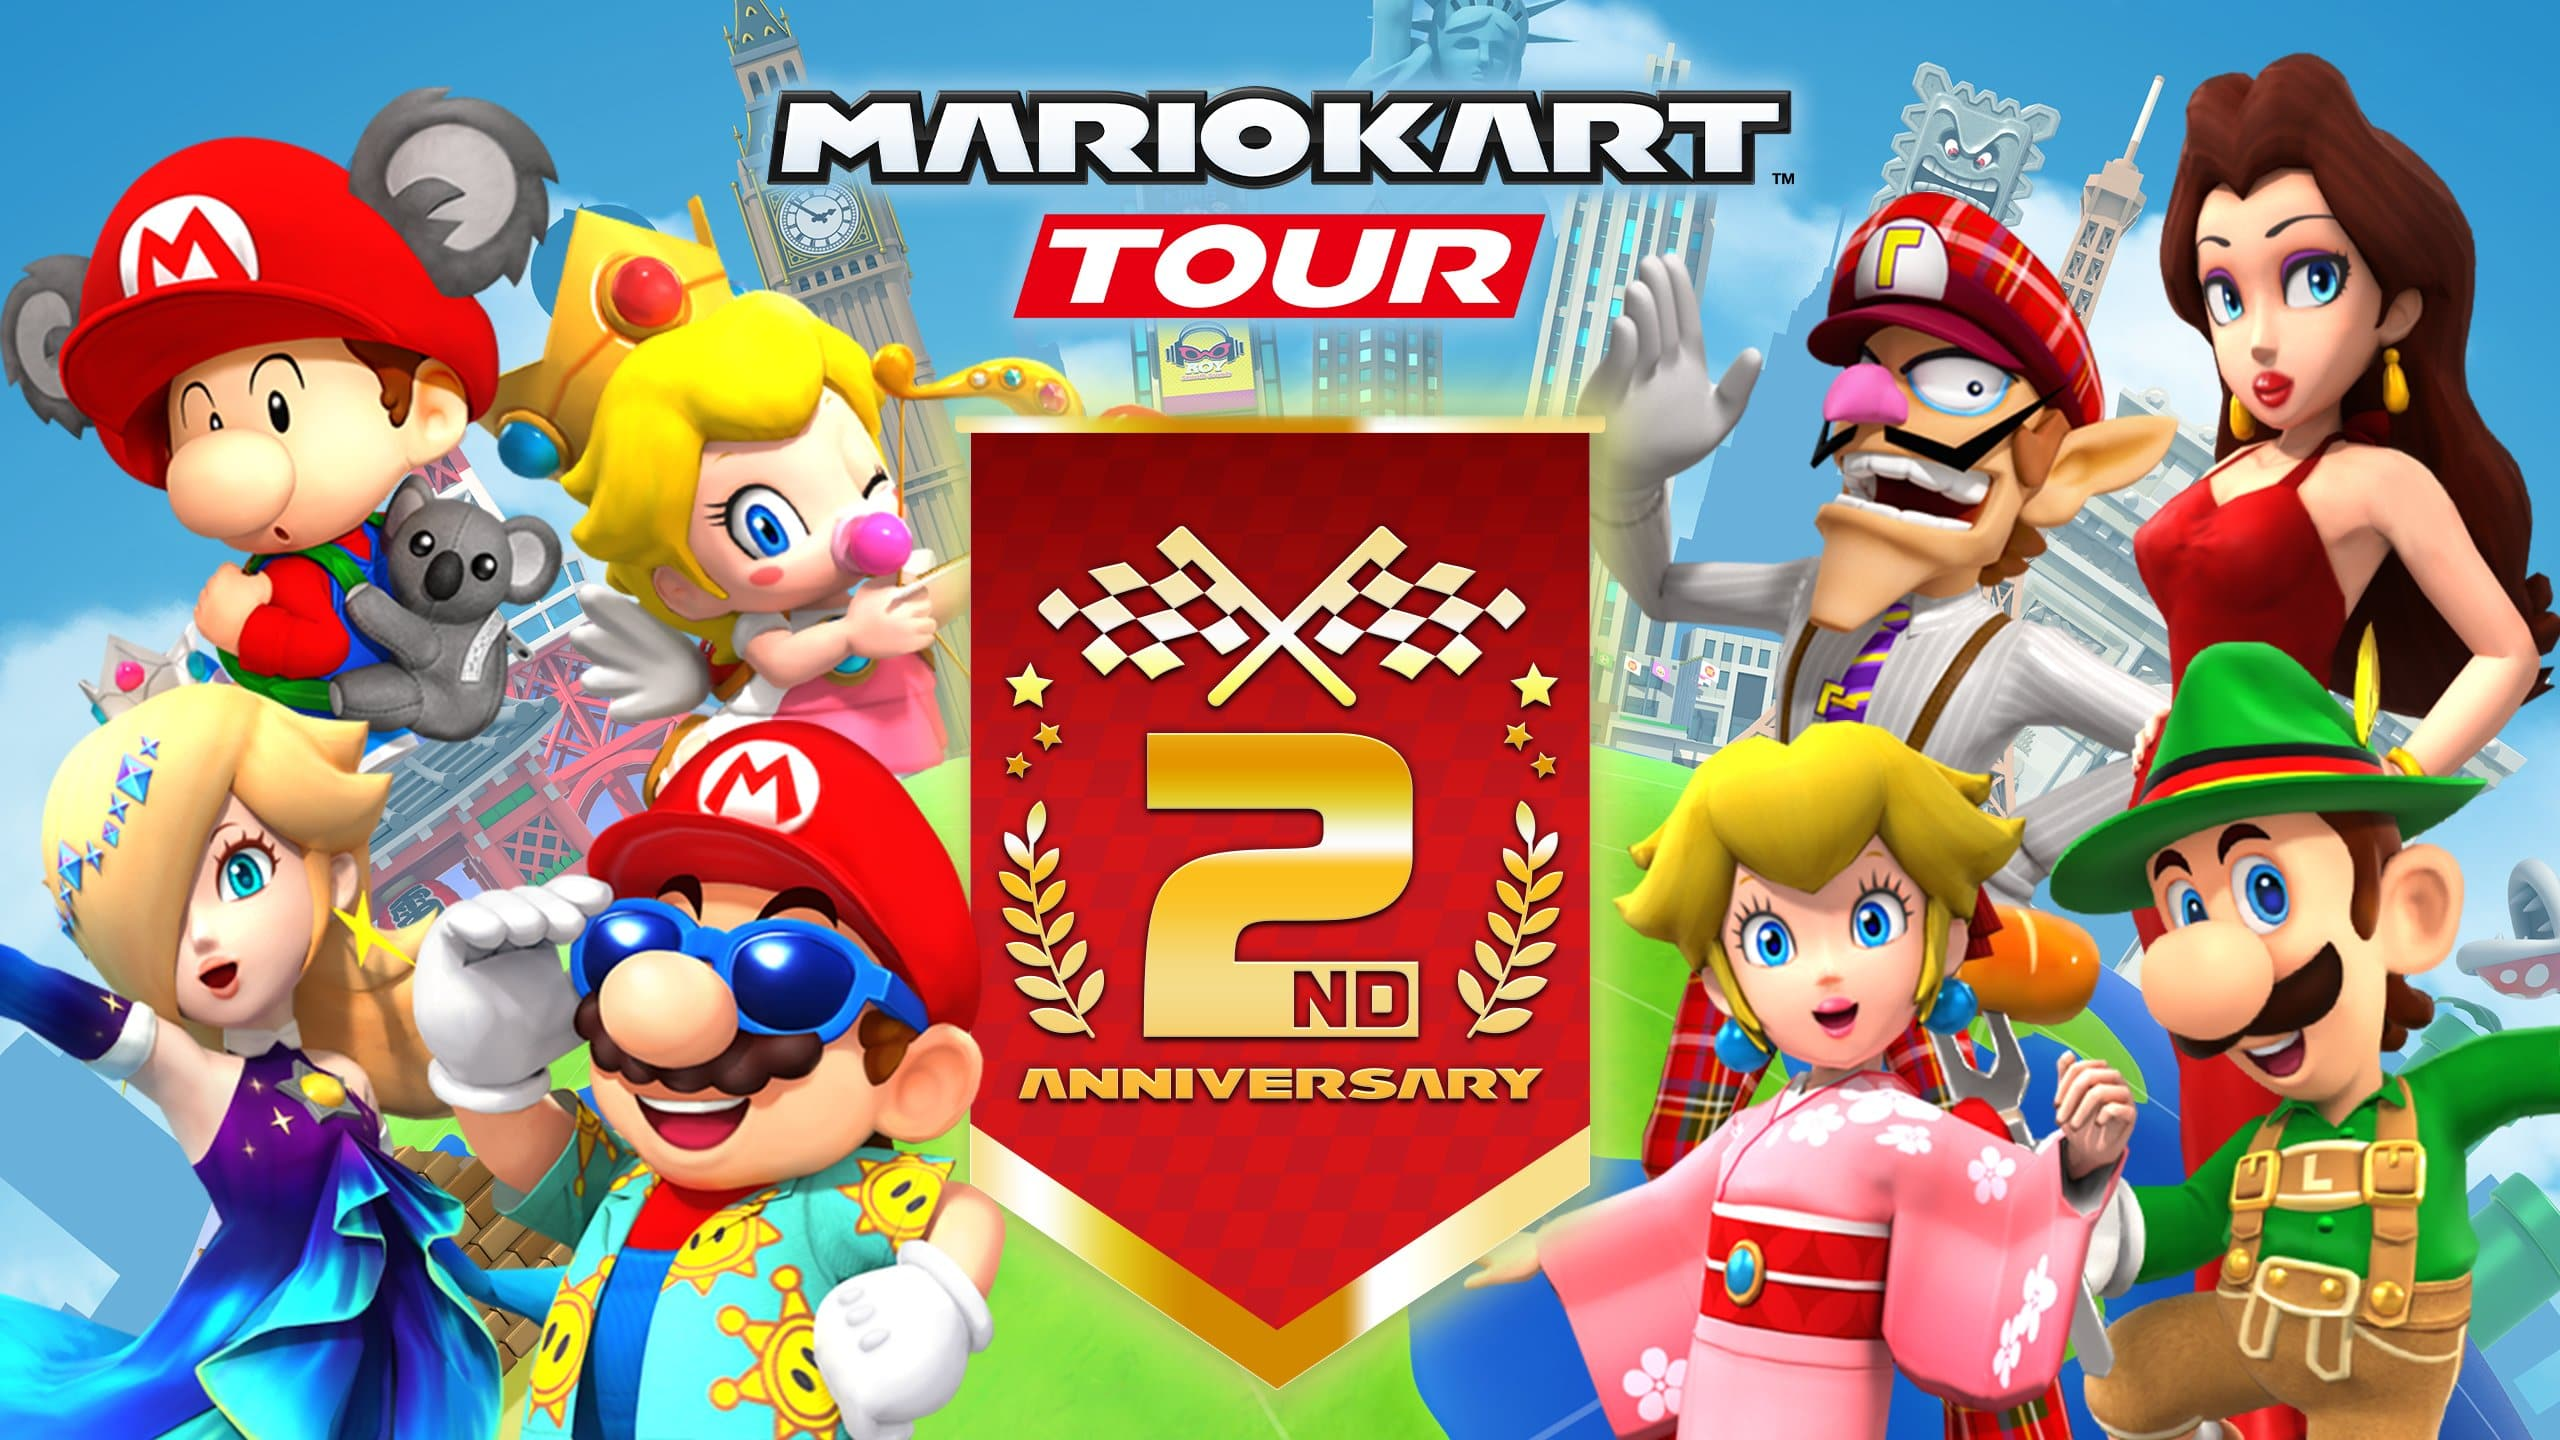 Mario Kart Tour celebra la llegada de su temporada de 2º aniversario